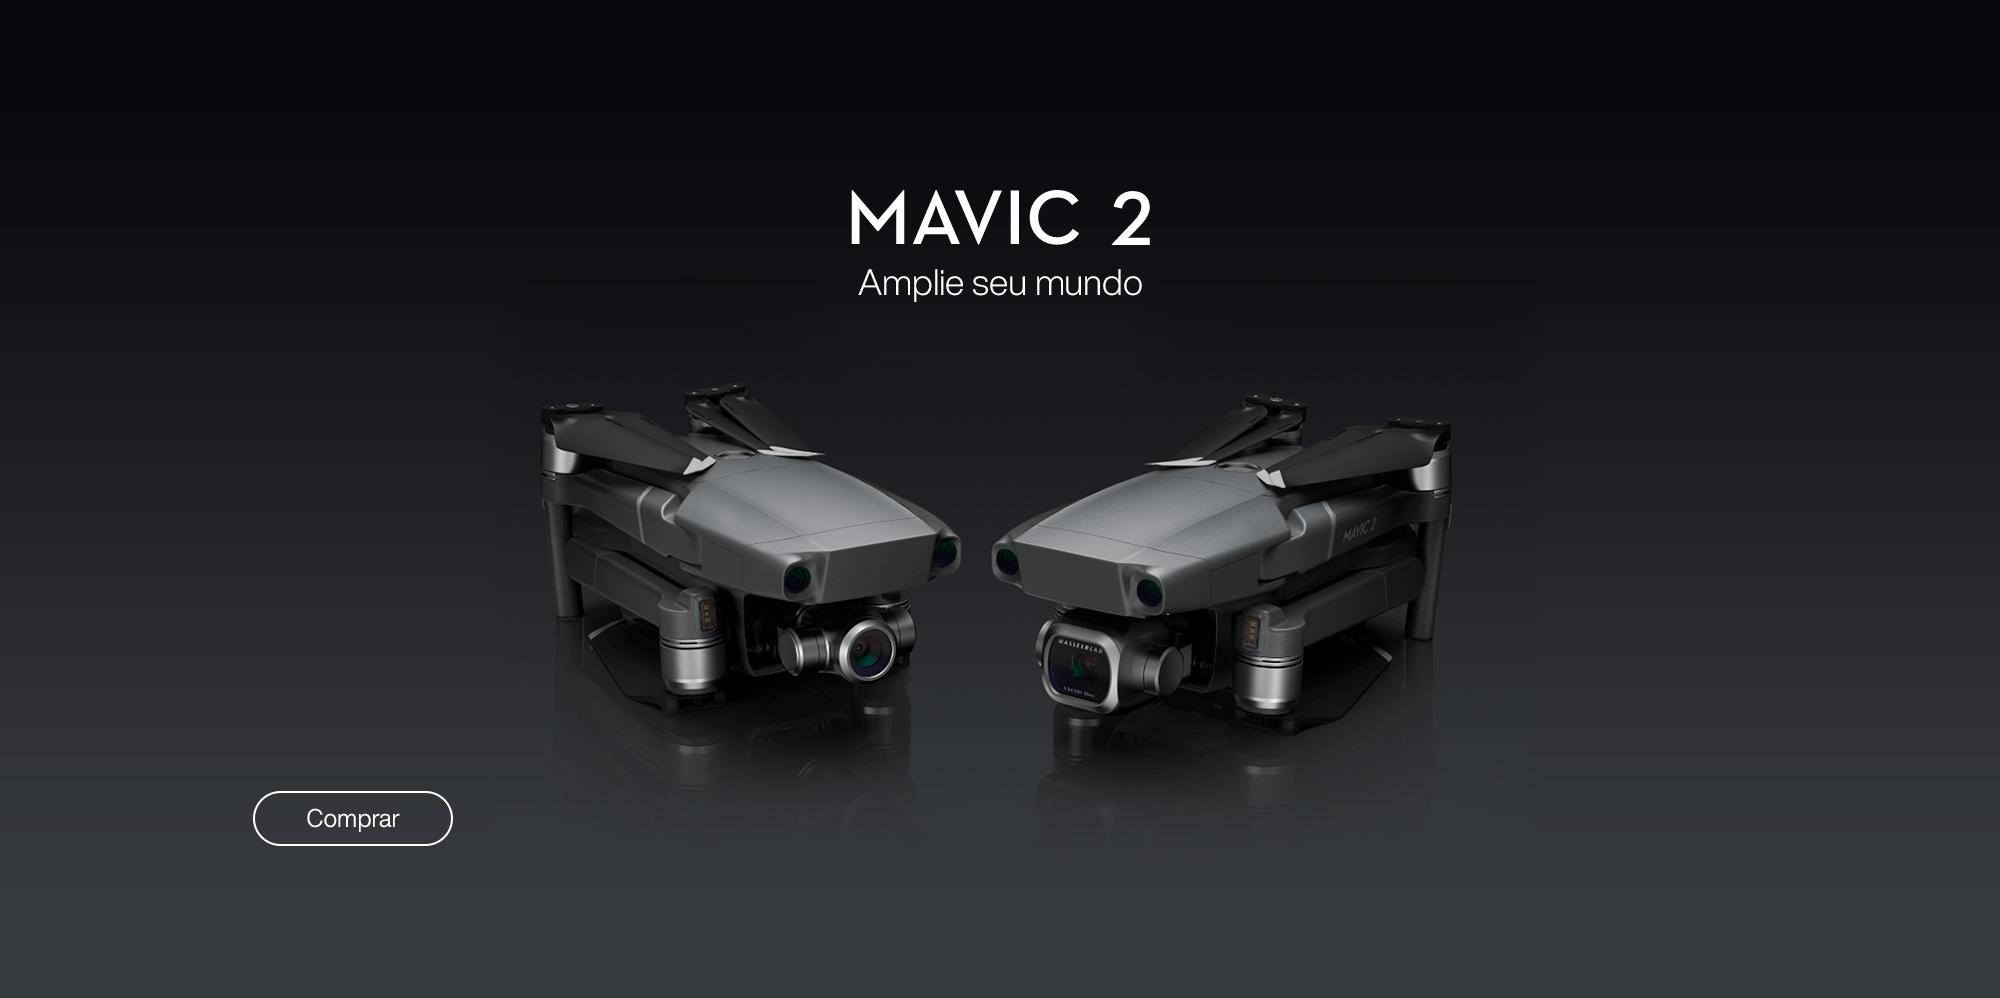 Mavic 2